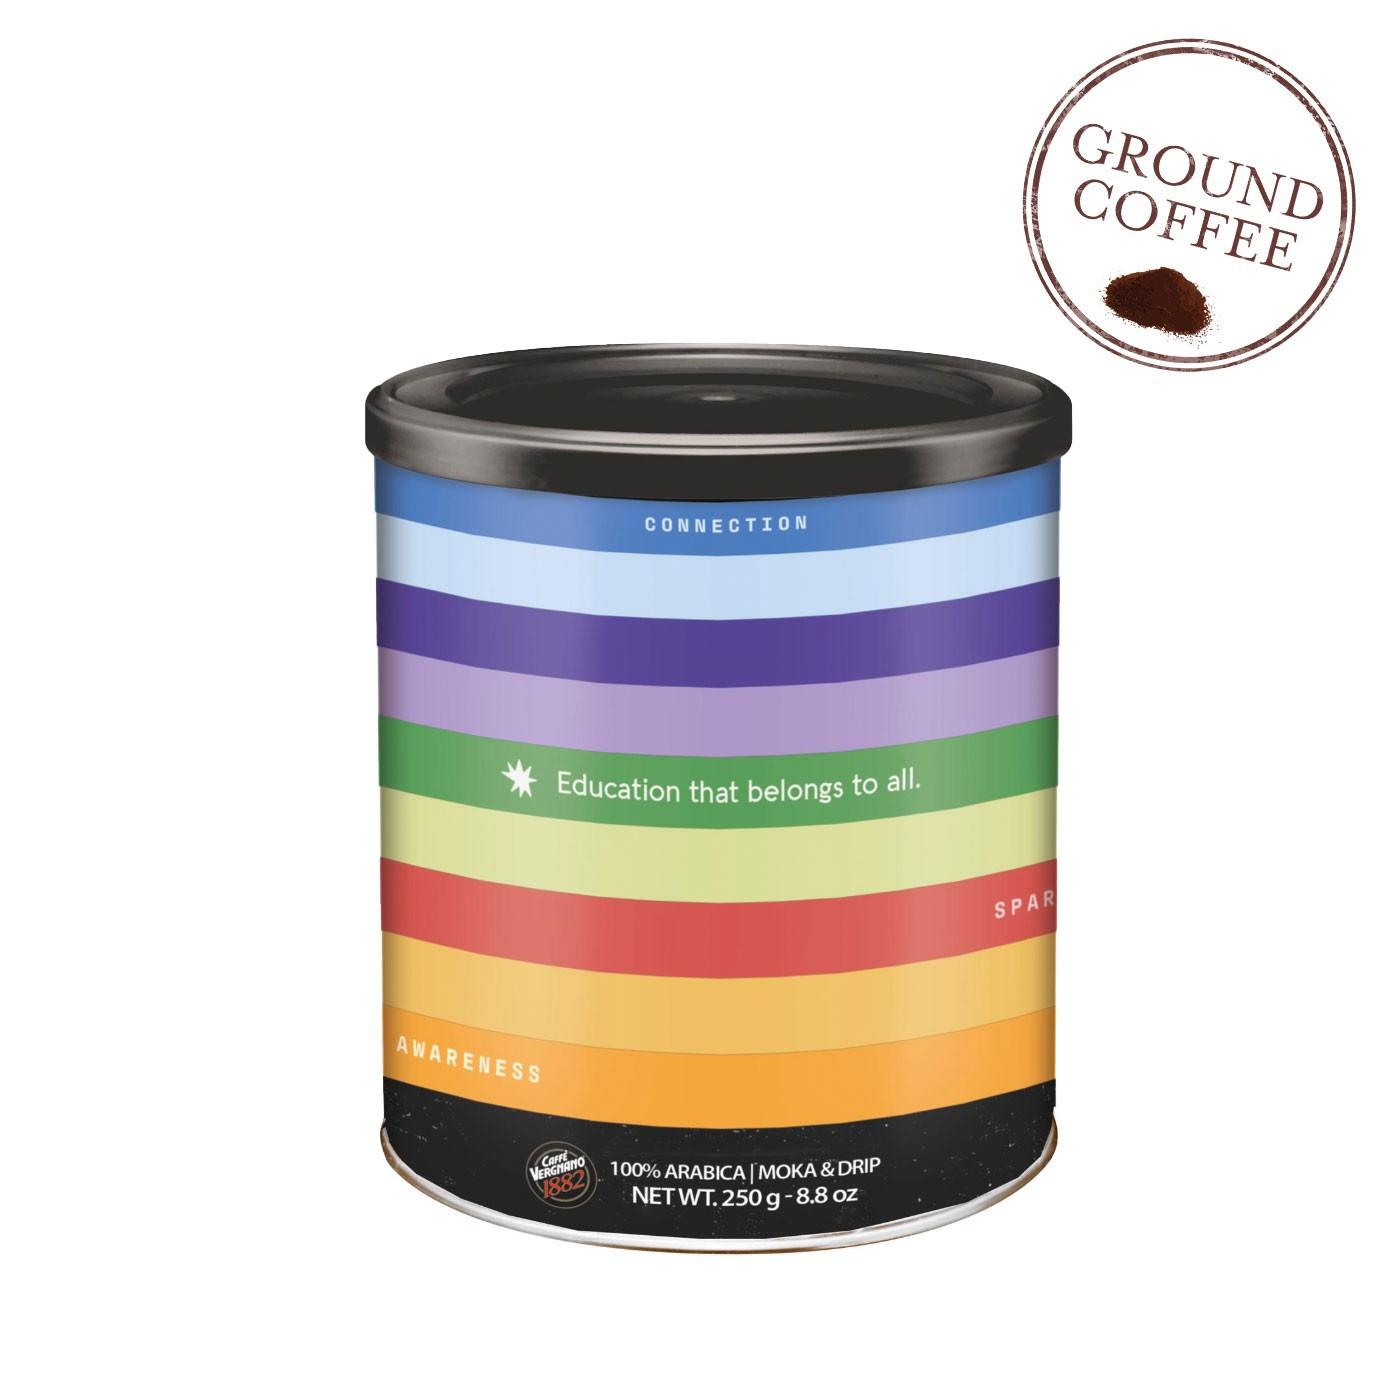 Funtasia 100% Arabica Moka and Drip 8.8 oz - Caffè Vergnano | Eataly.com